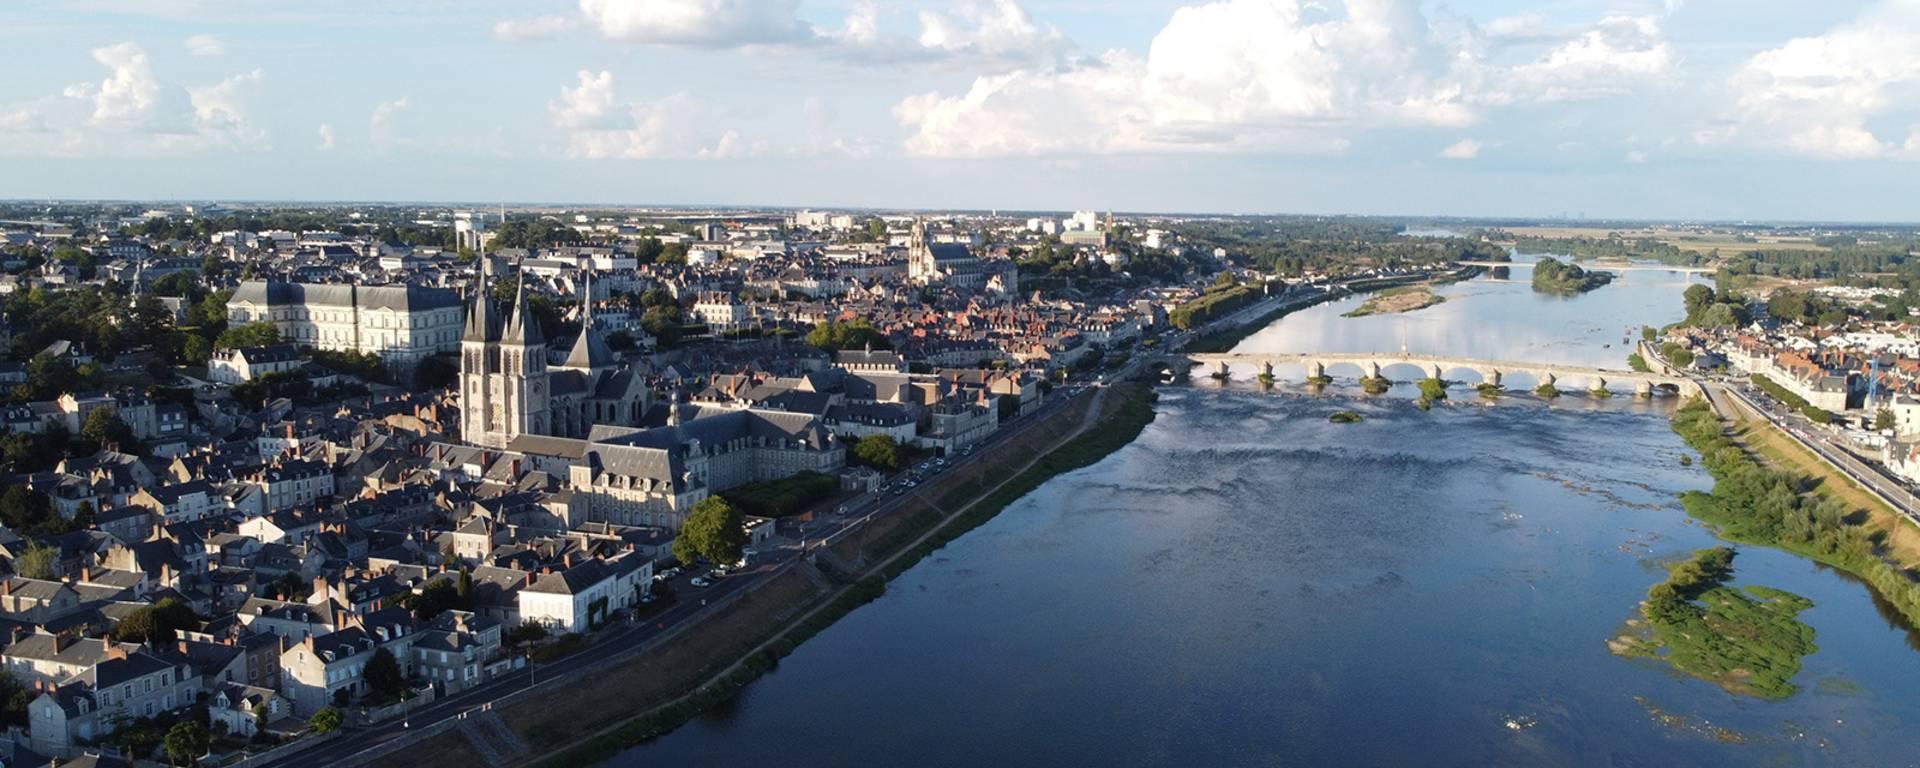 La Loire à Blois vue du ciel.